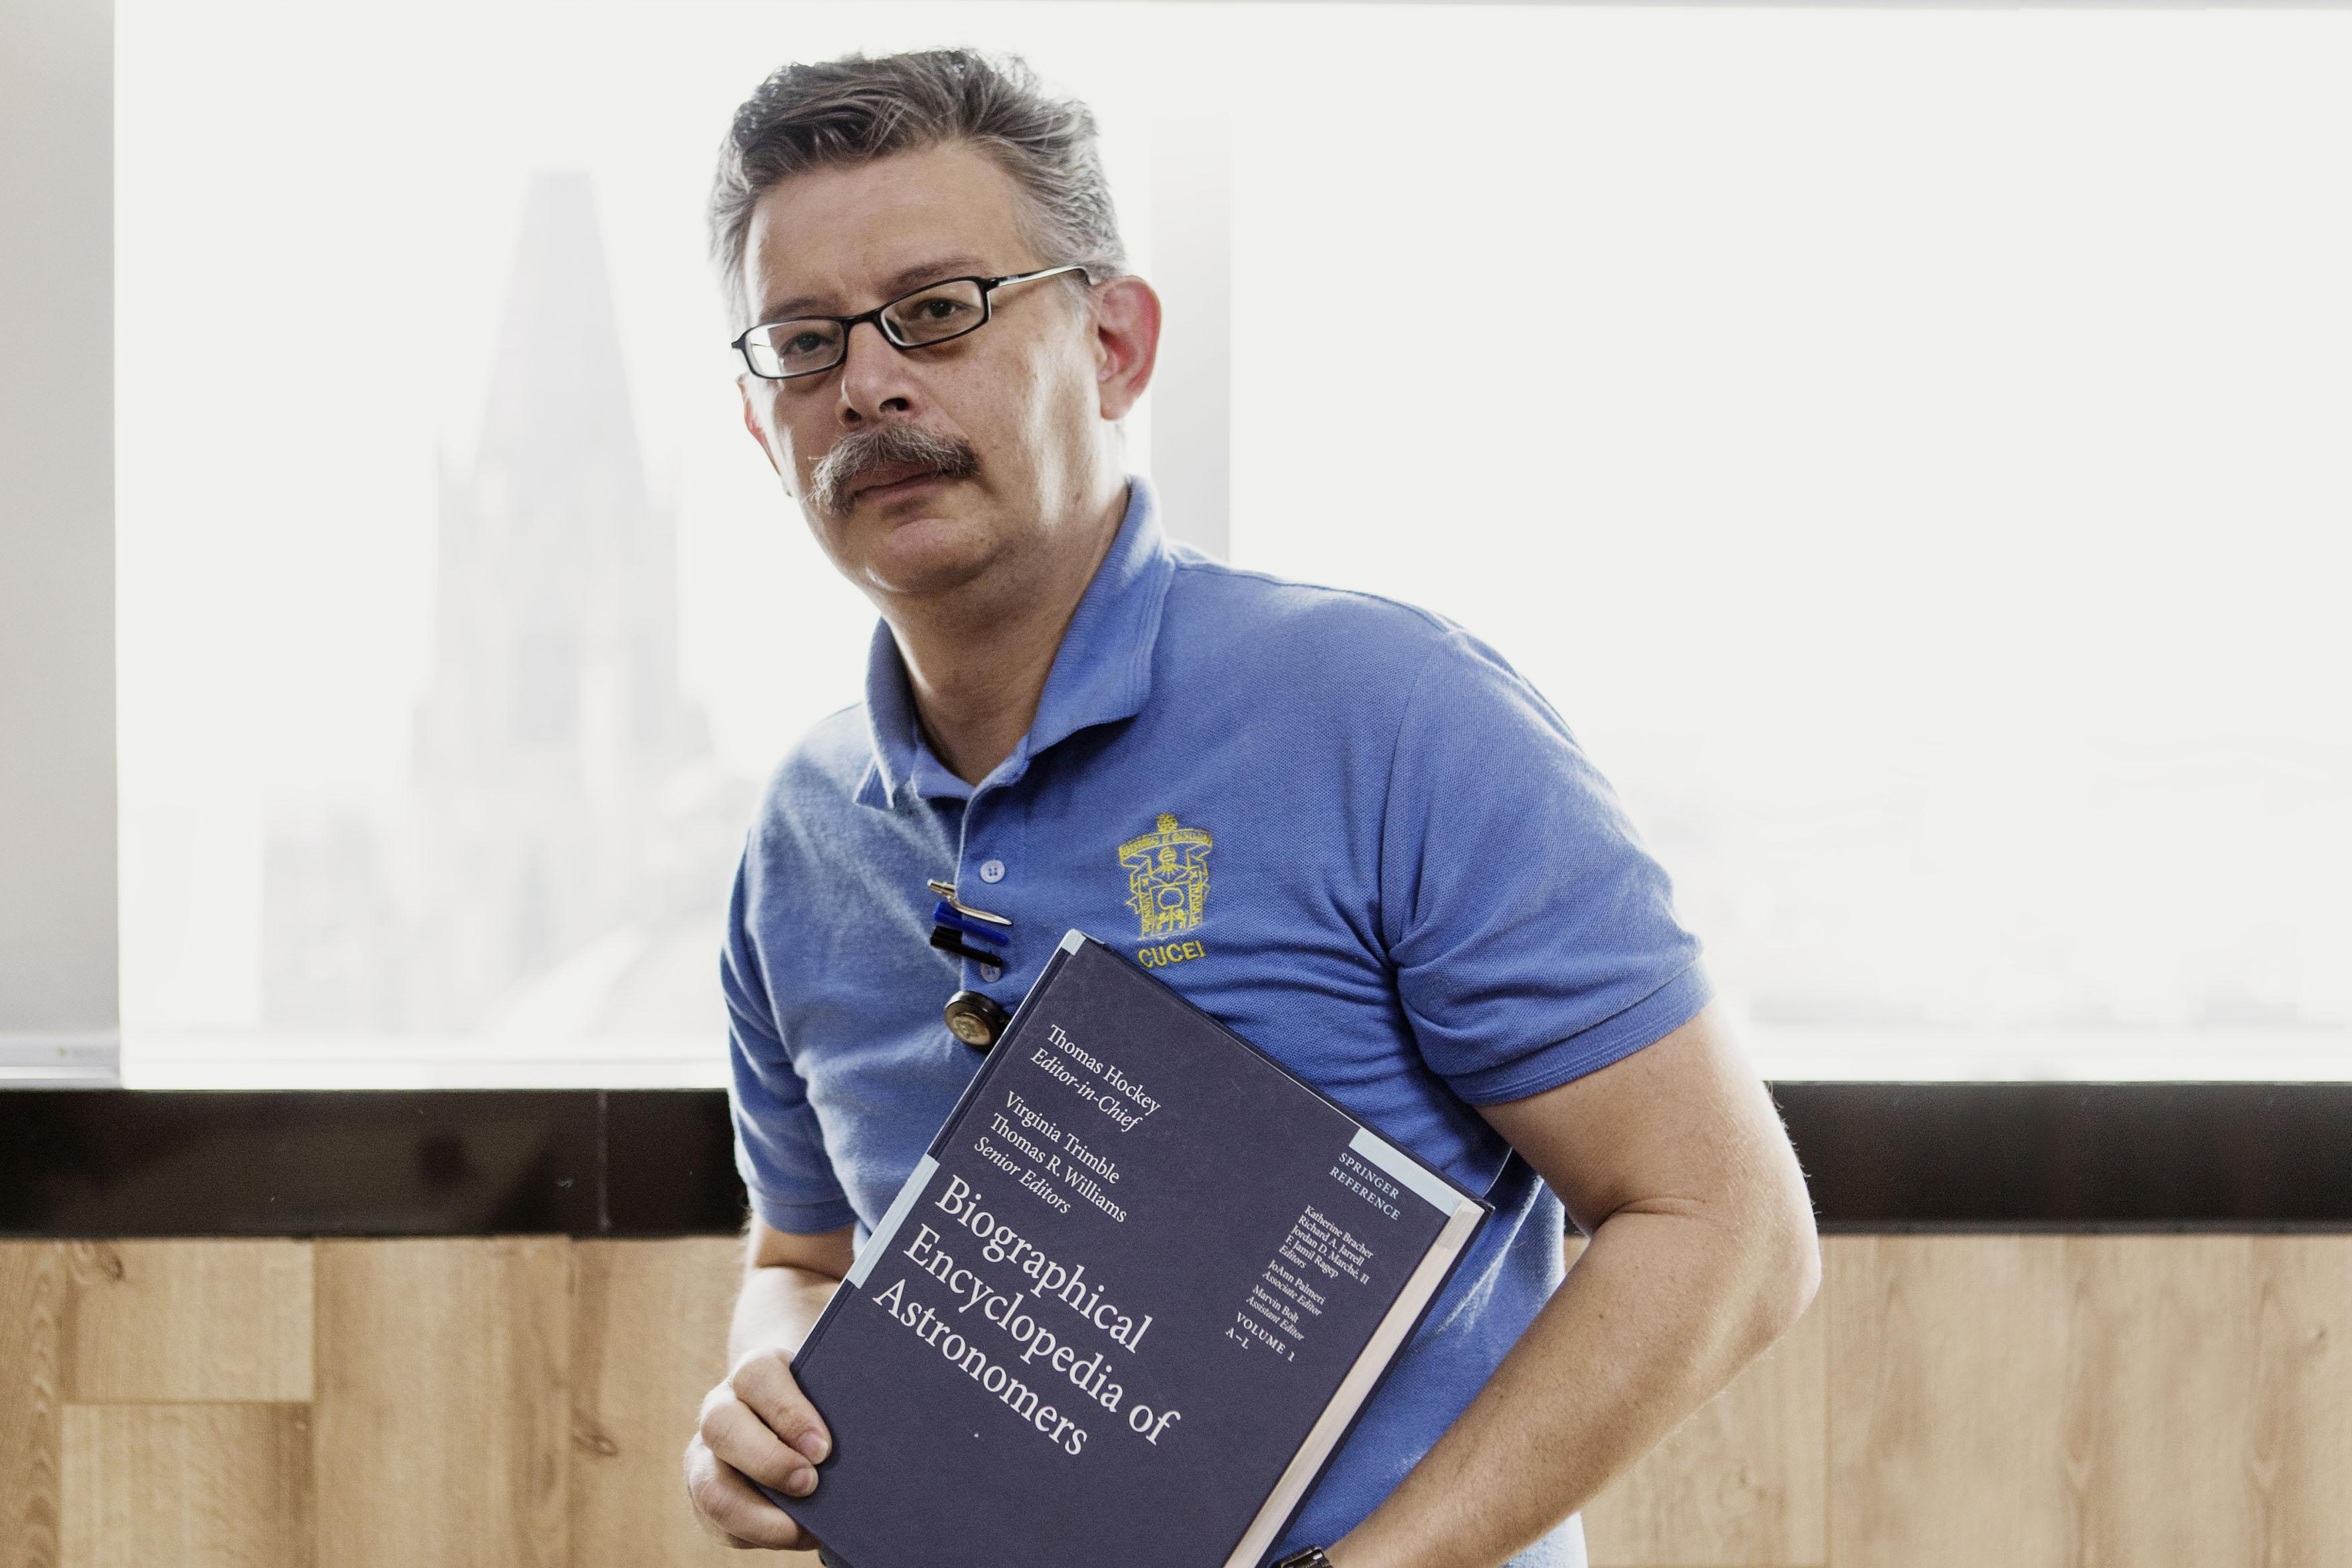 Con su ejemplar en la mano, el  físico Durruty Jesús de Alba Martínez,